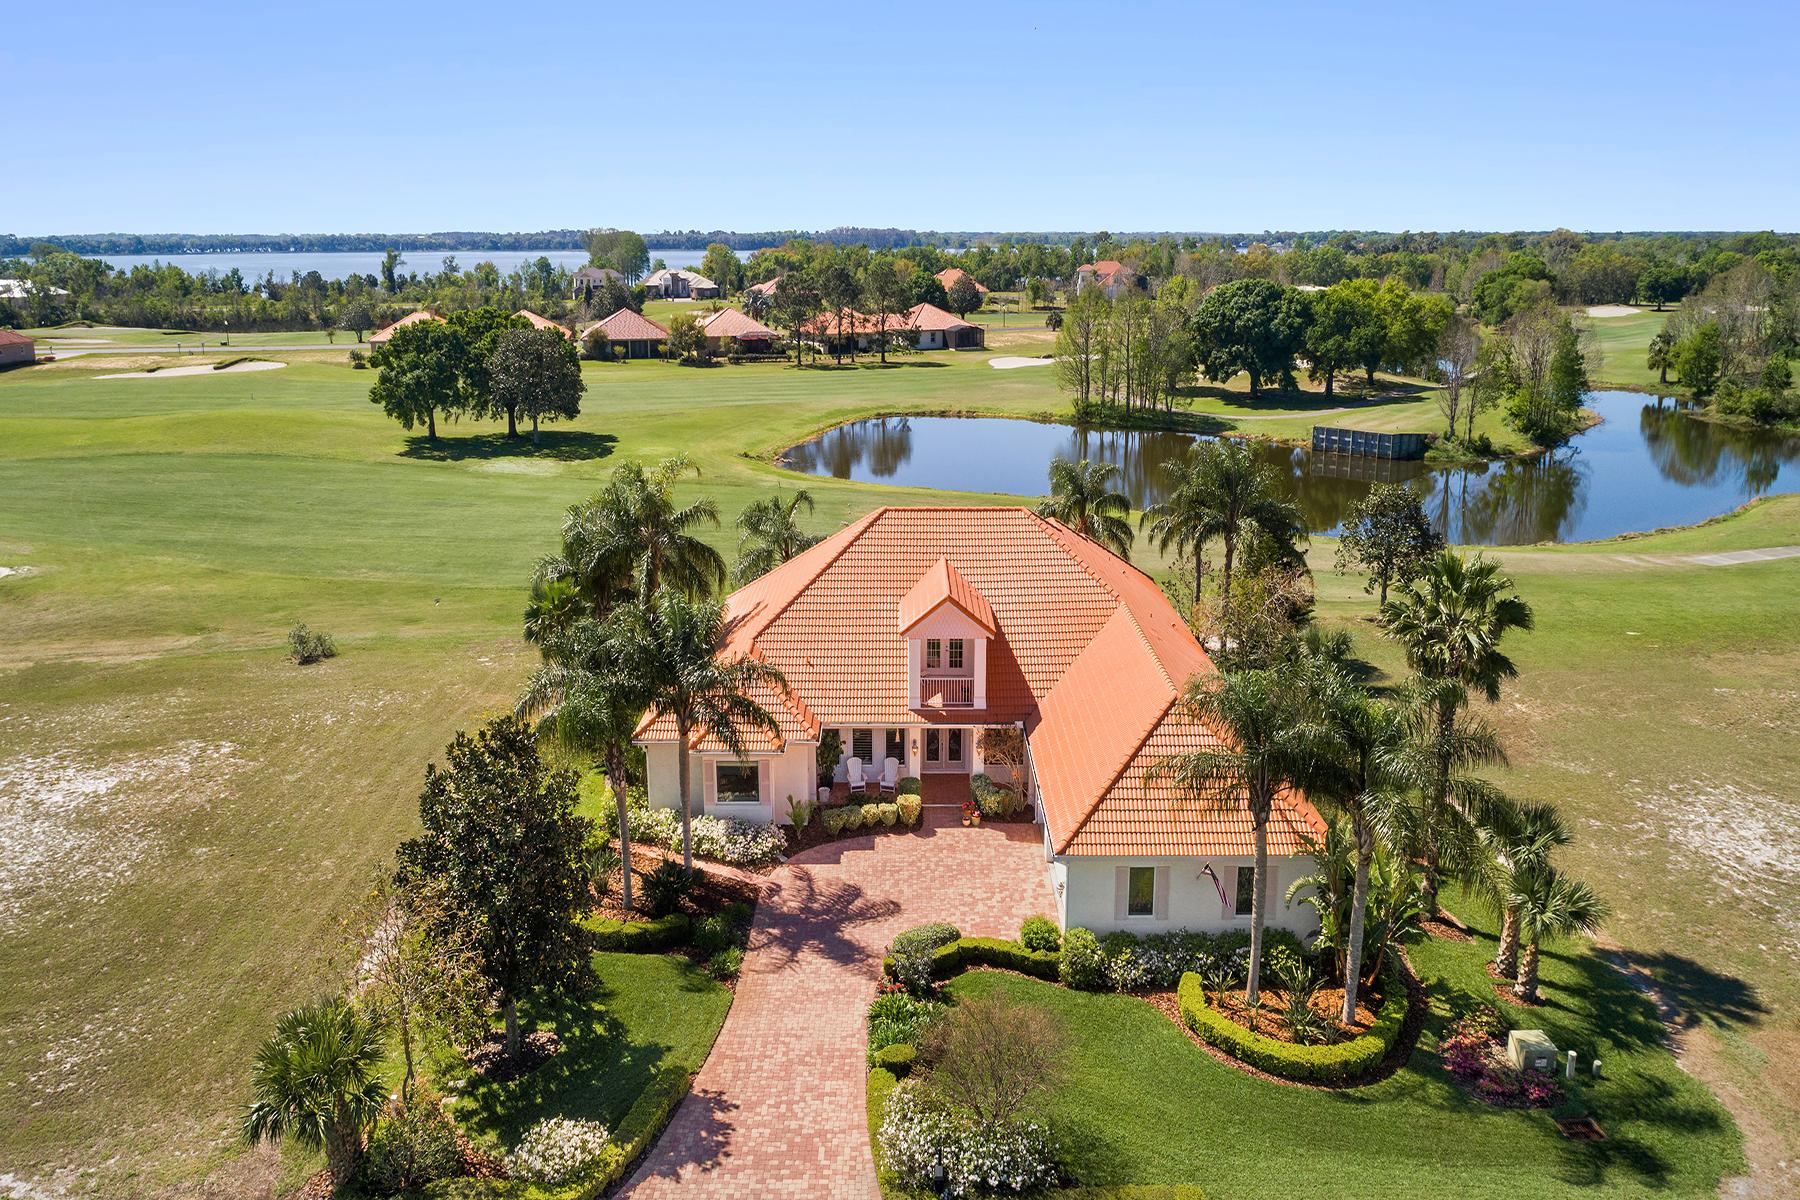 Частный односемейный дом для того Продажа на ORLANDO - TAVARES 17642 Sawgrass, Tavares, Флорида, 32778 Соединенные Штаты